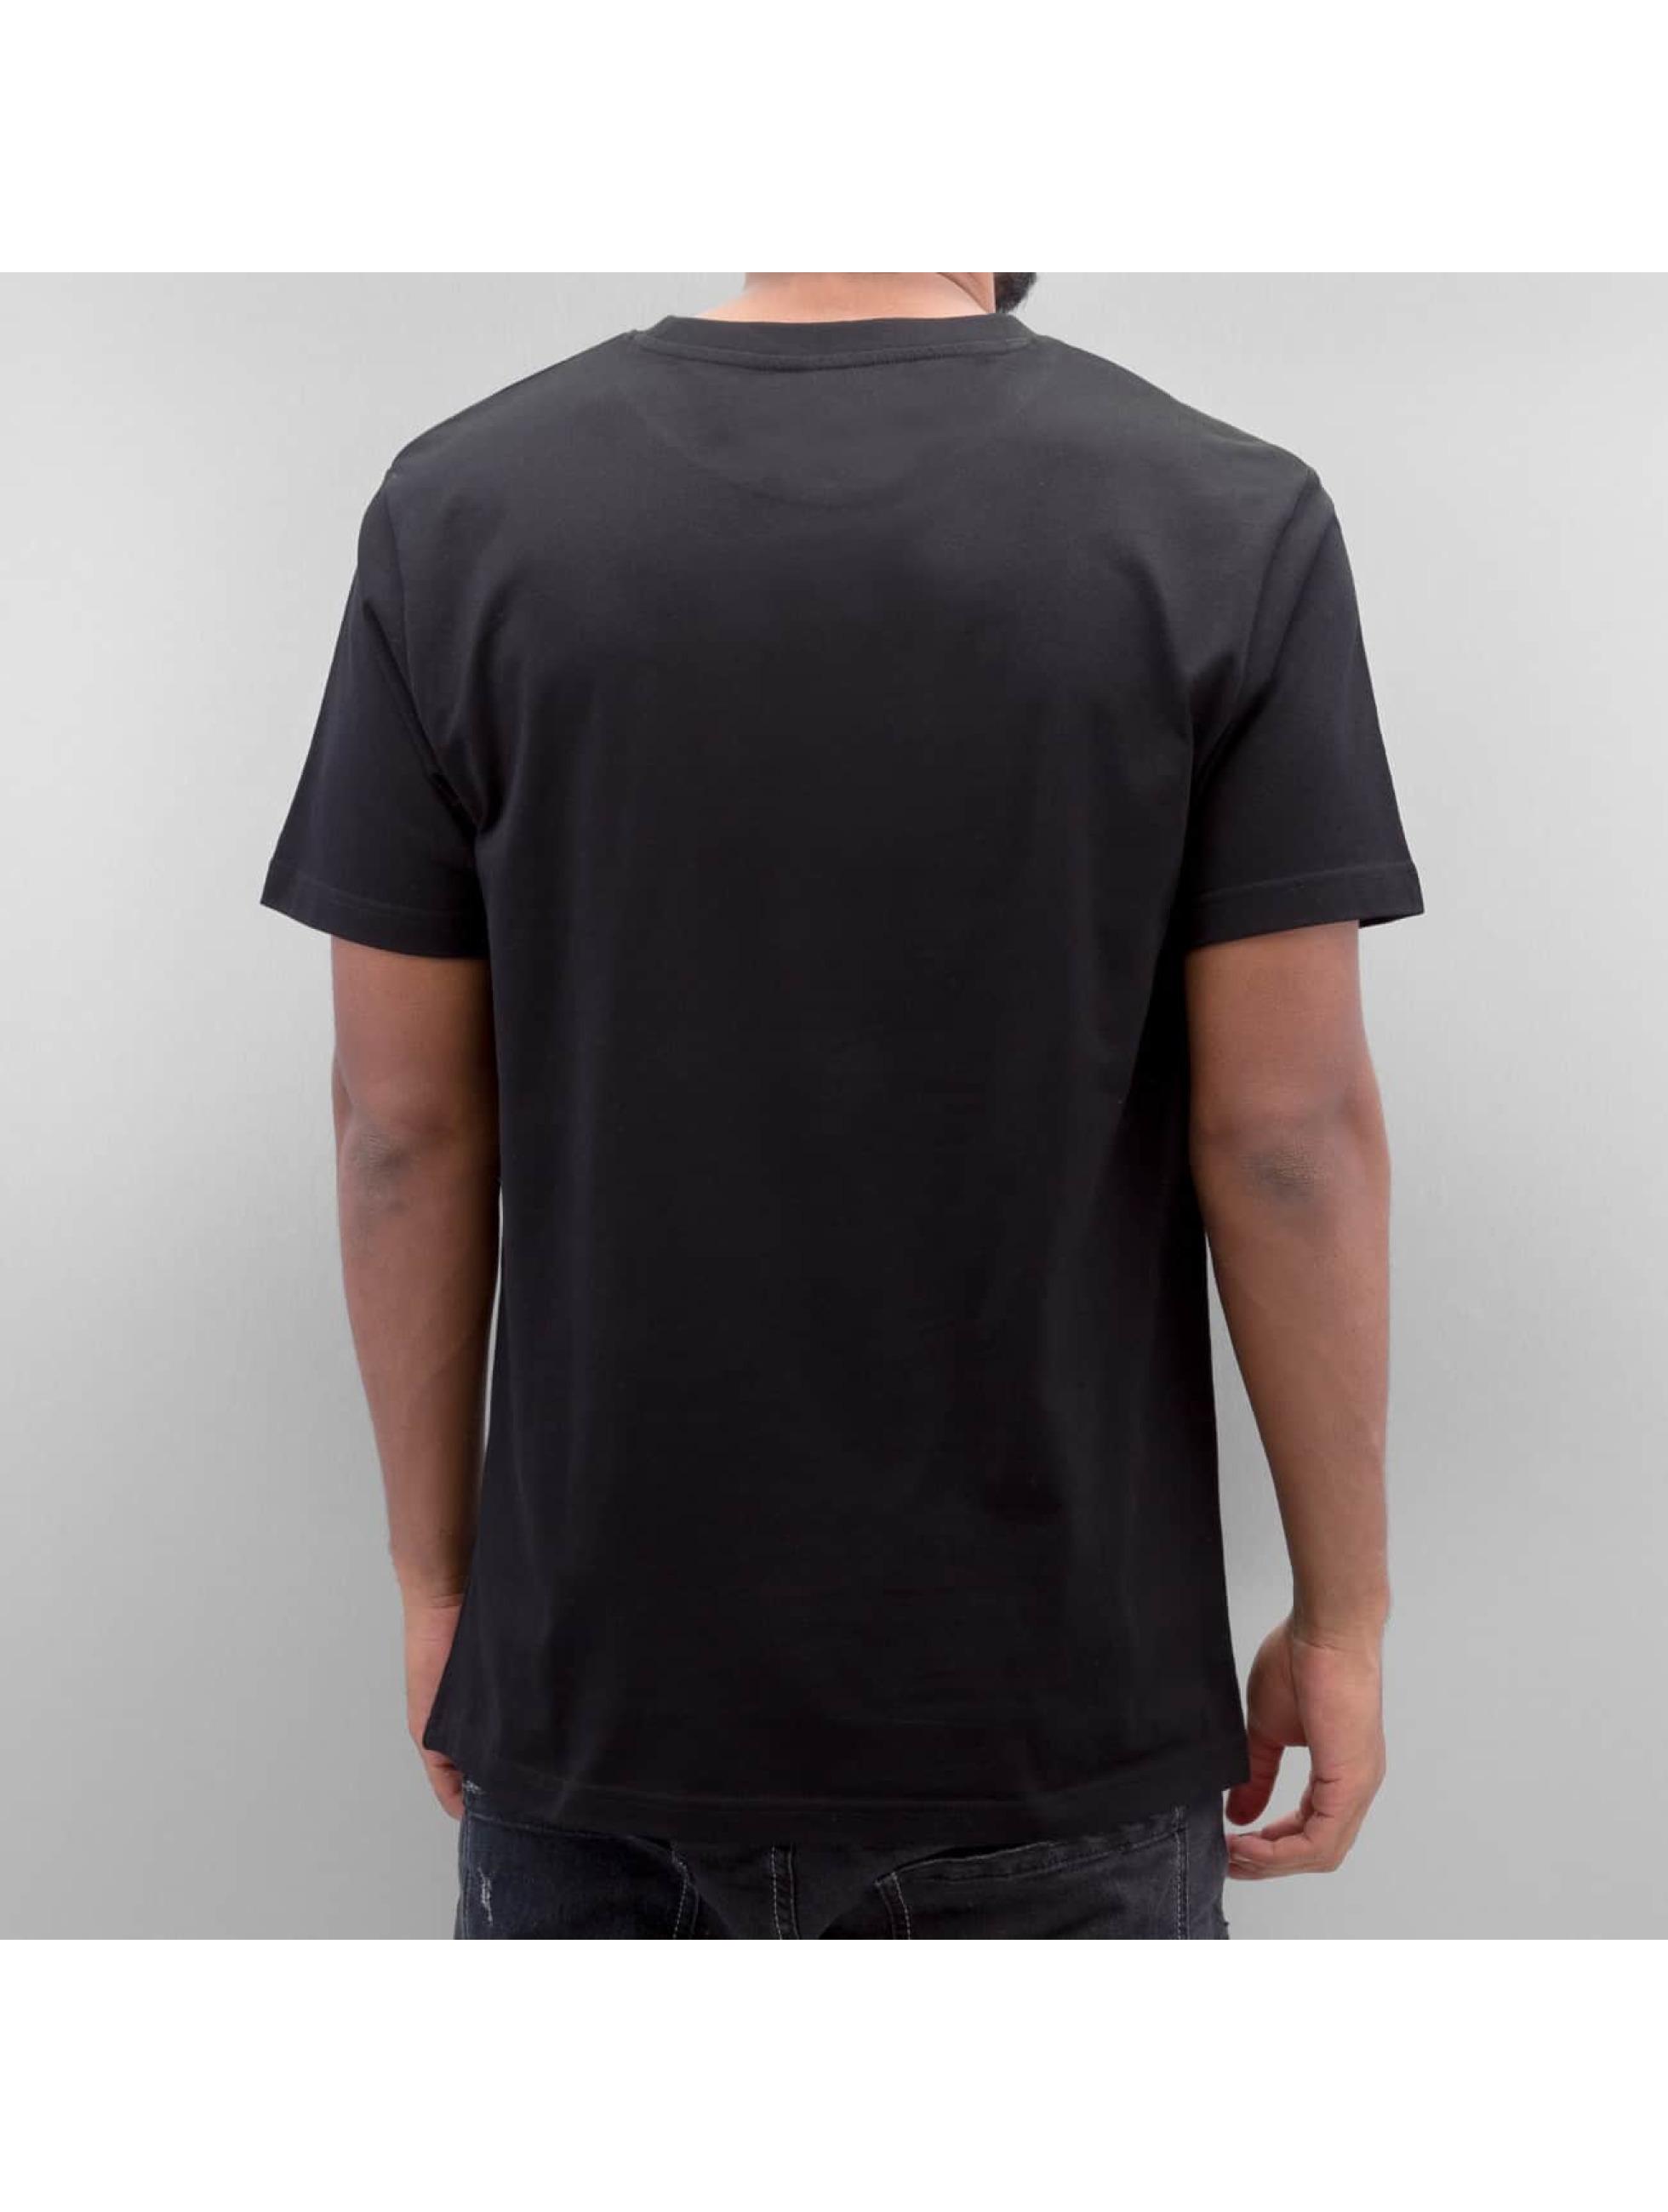 Mister Tee T-Shirt BKLYN schwarz